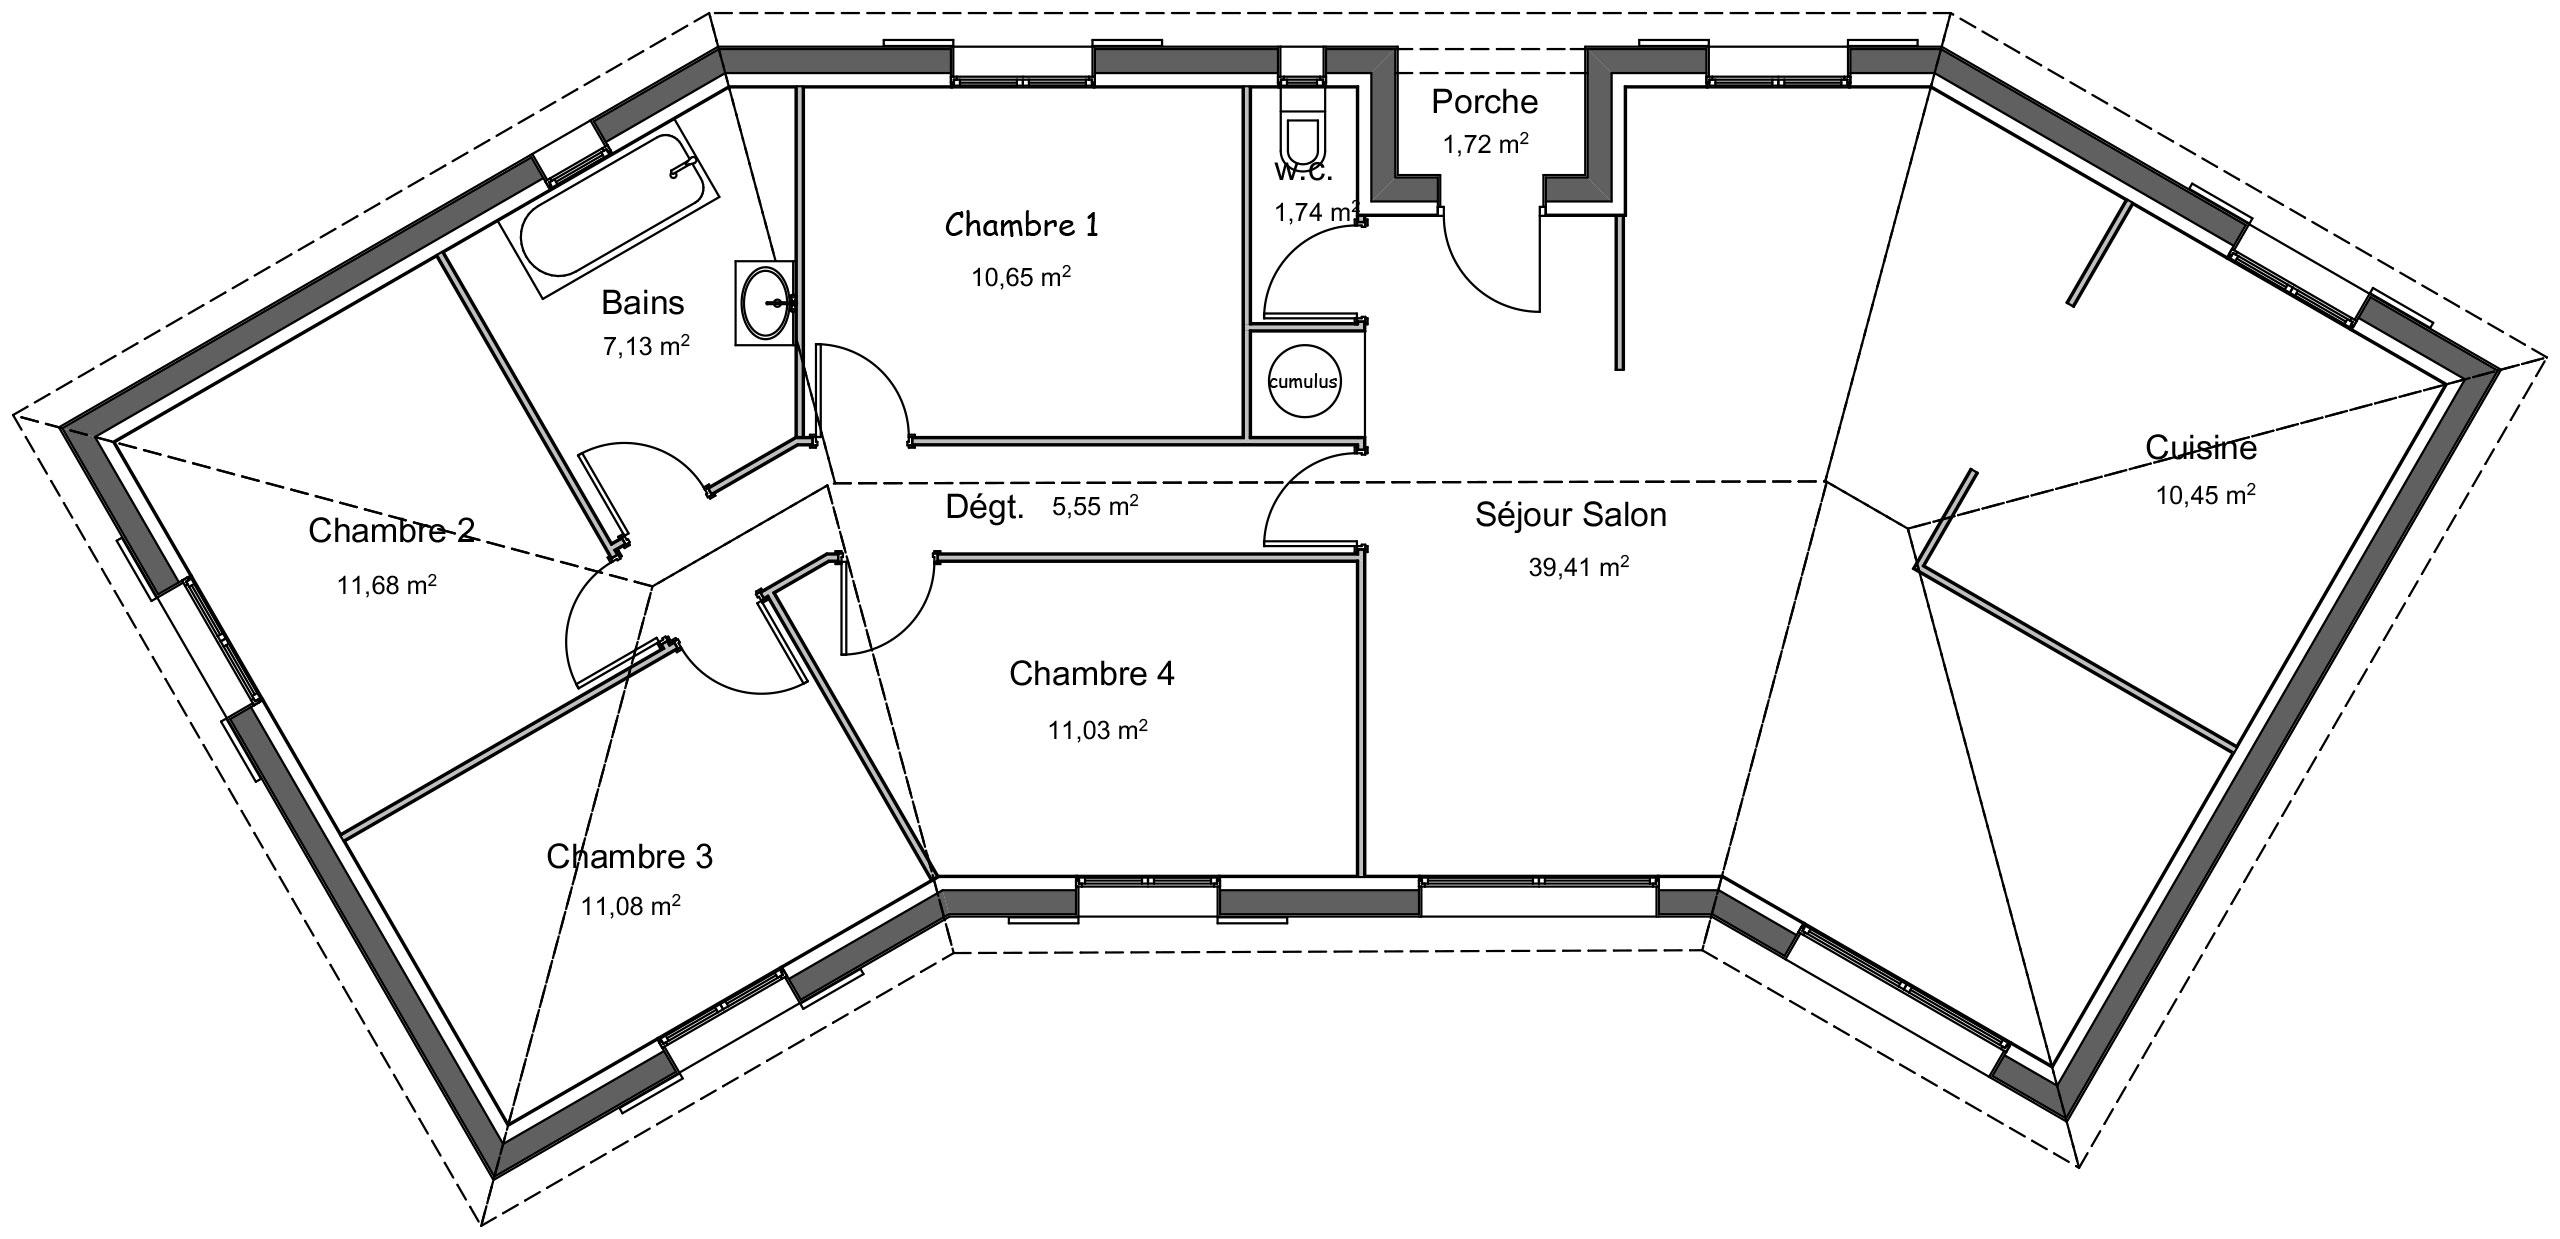 Plan Porte À Galandage ancien modèle maison contemporaine cèdre - demeures d